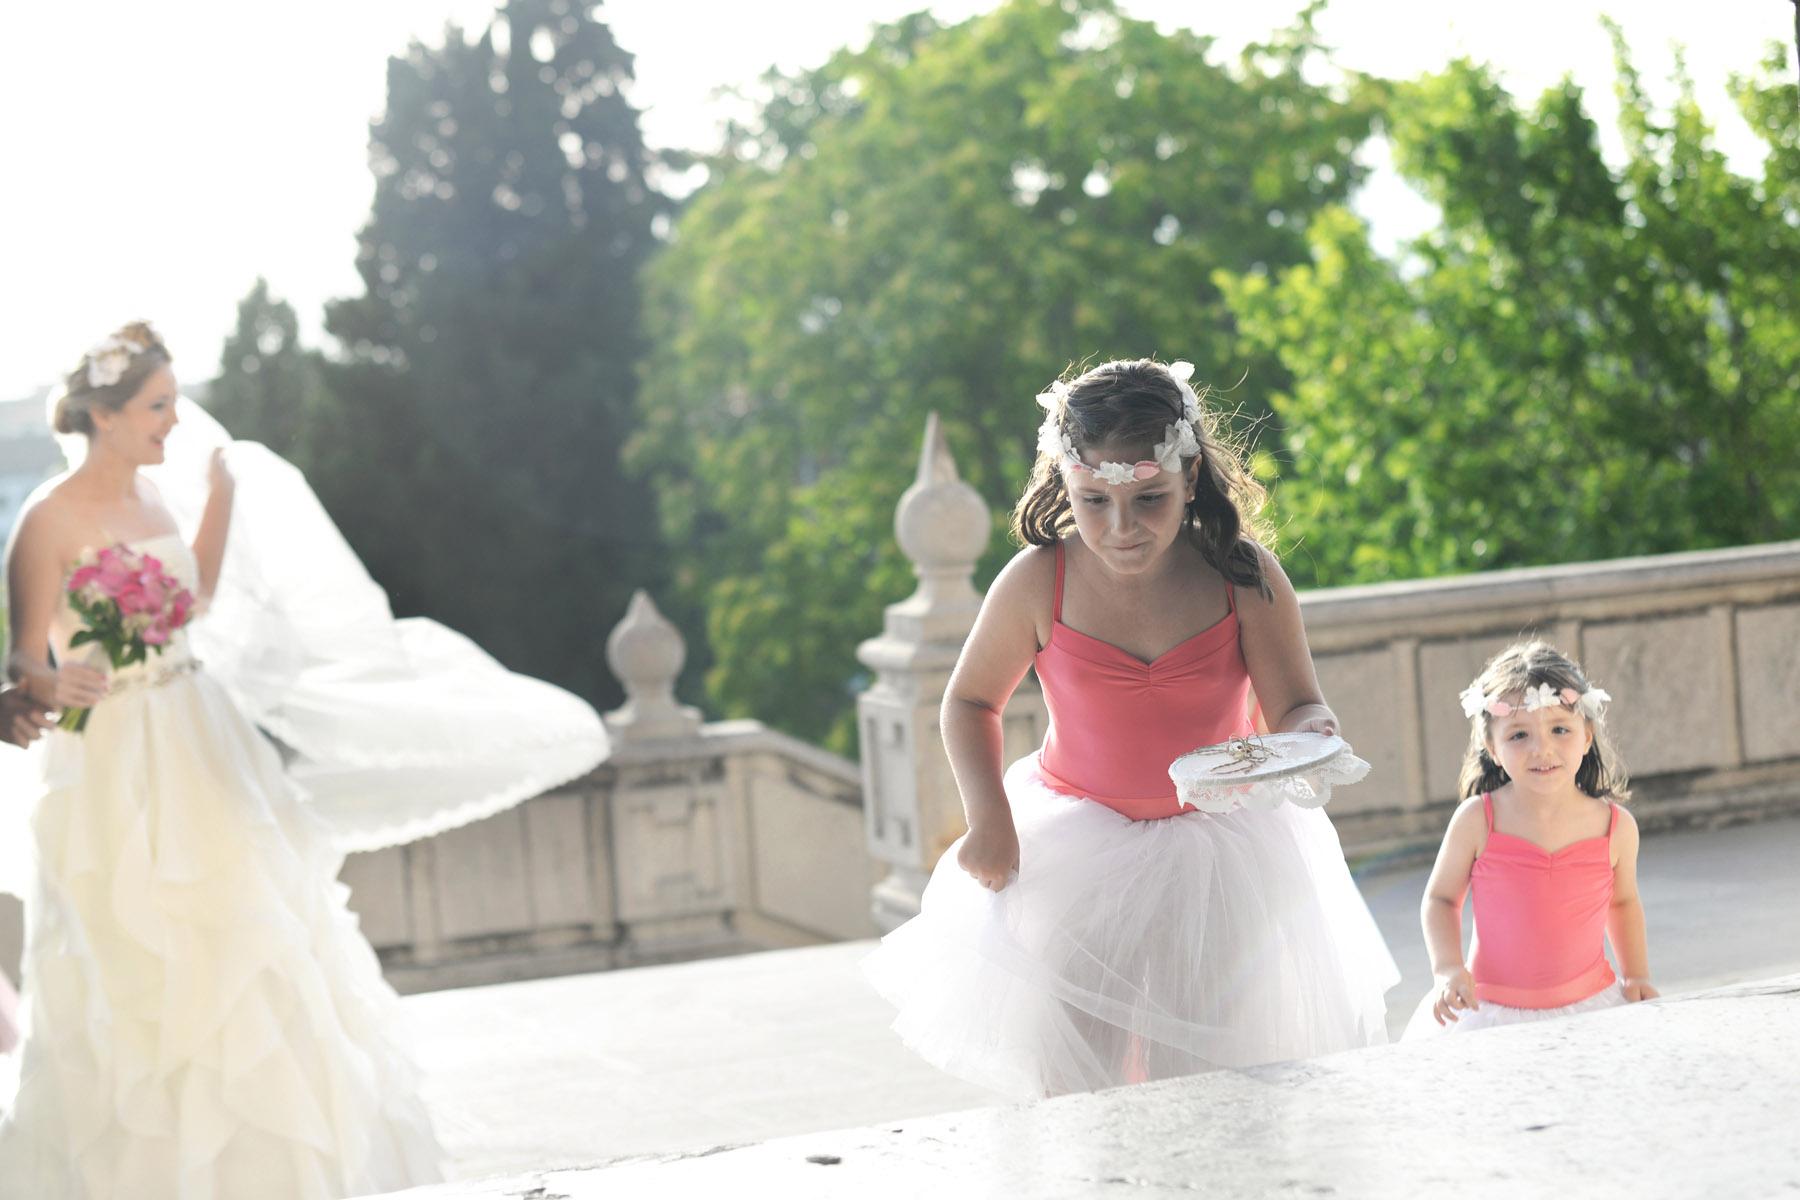 granada convento la cartuja llegada novia